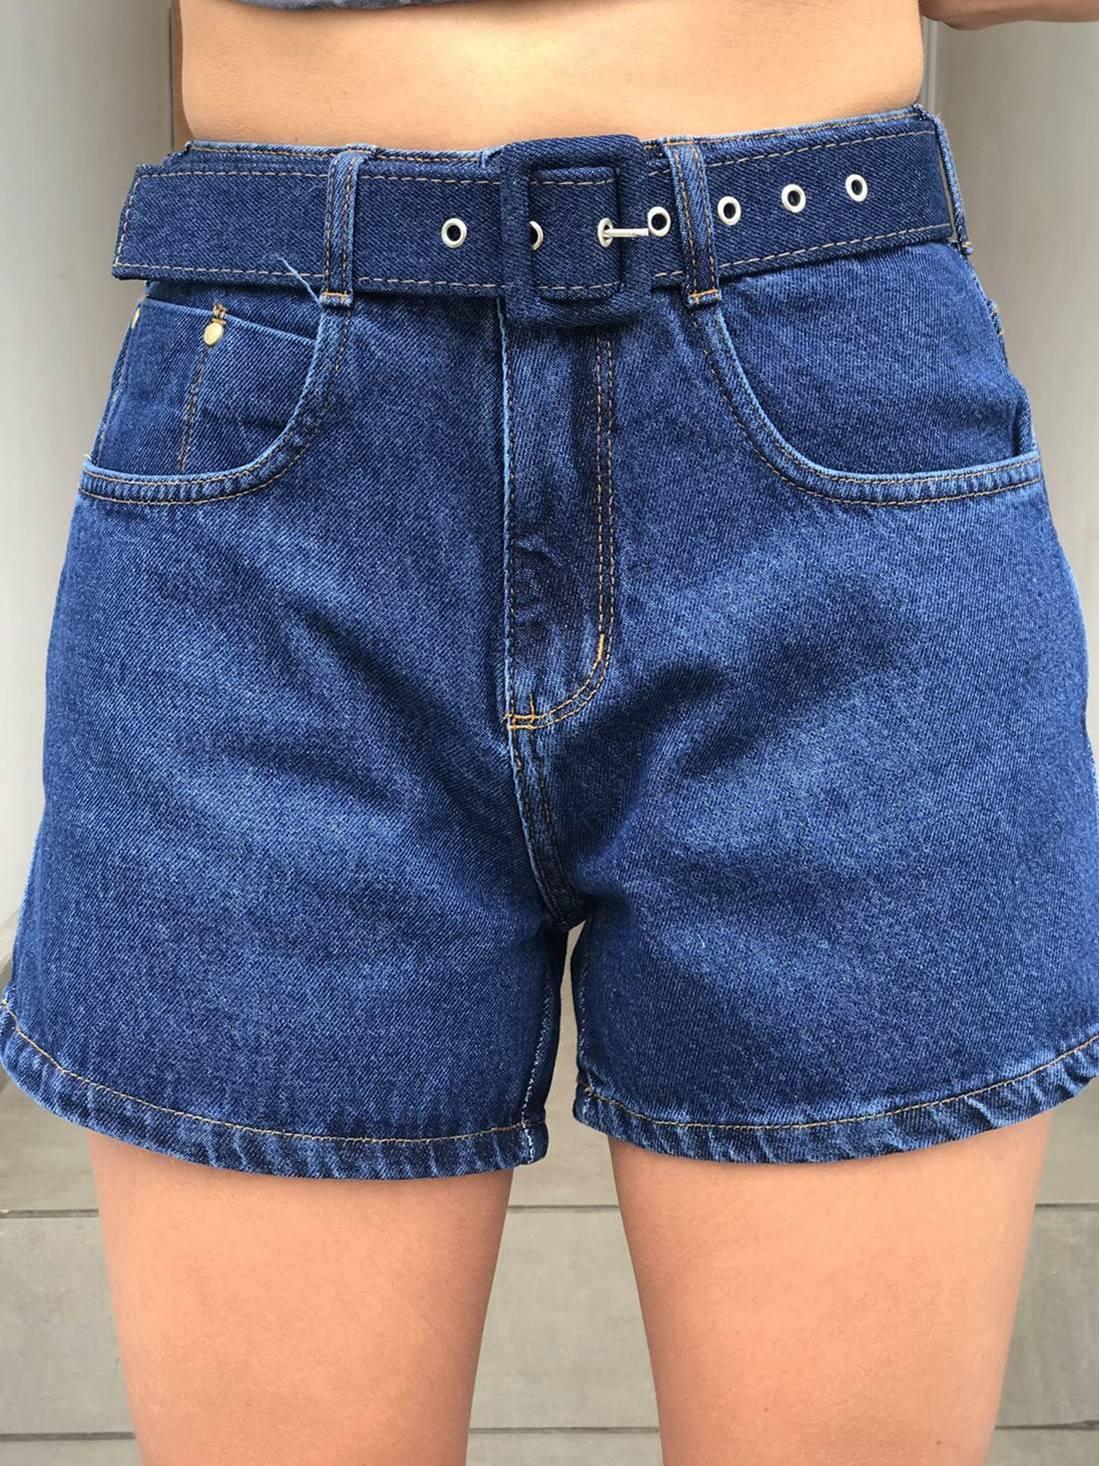 Shorts Jeans Cinto Fivela Encapada